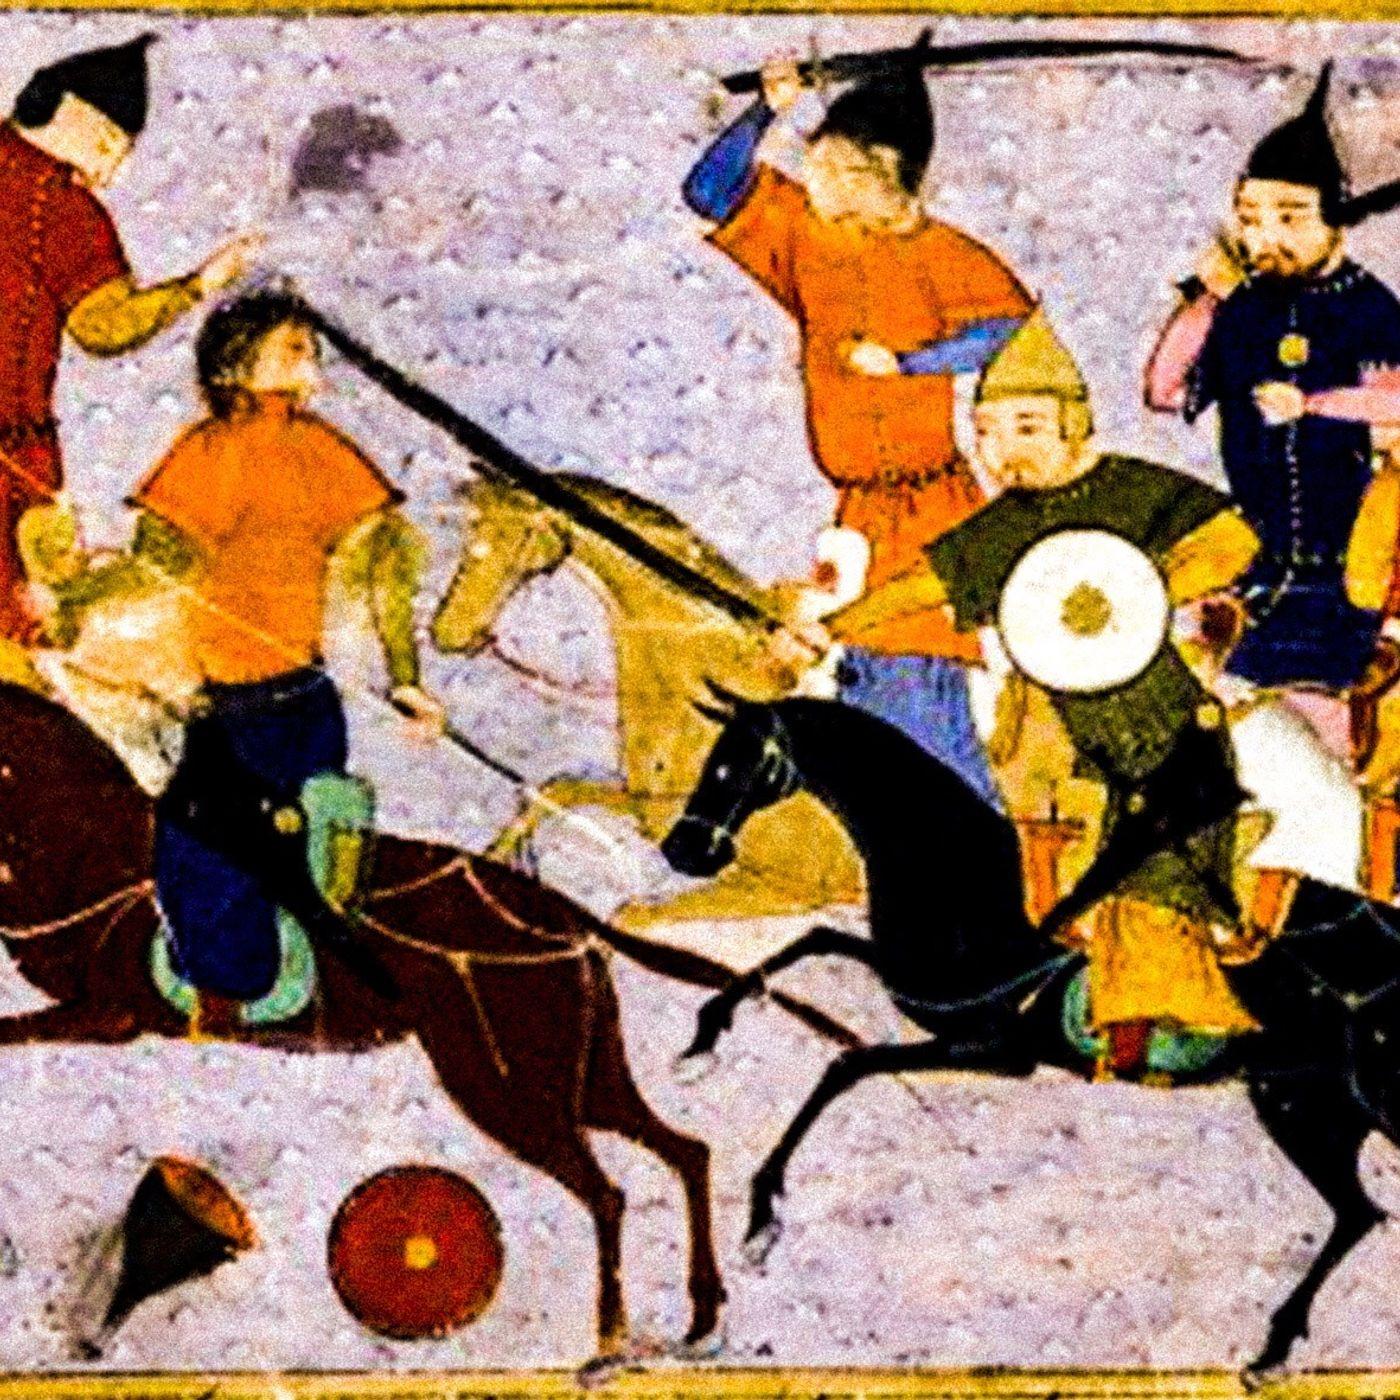 01: Boghach Khan, figlio di Dirse Khan